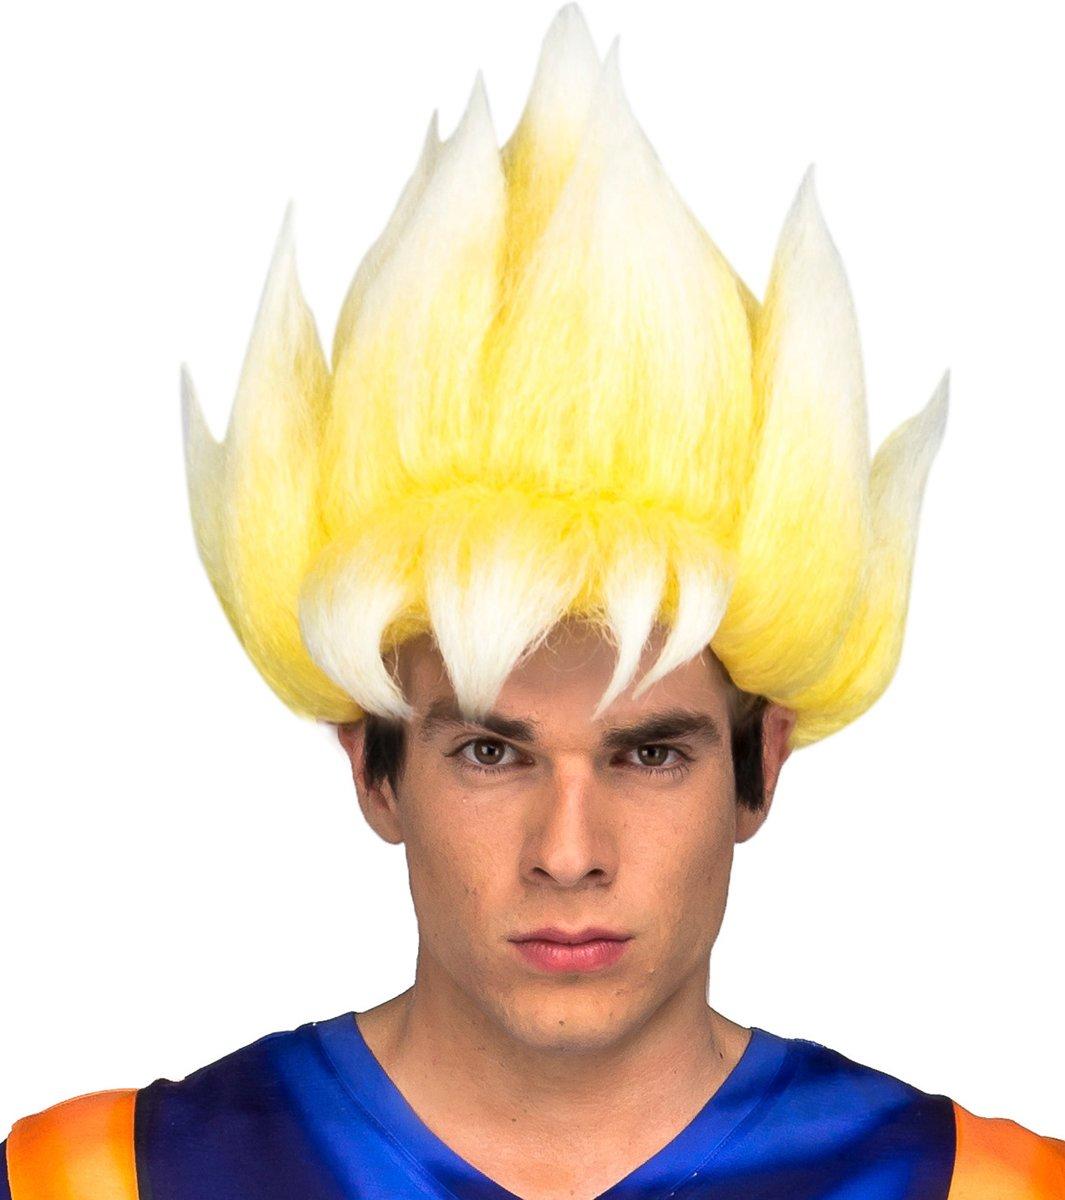 Goku Dragon Ball™ Super Saiyan pruik voor volwassenen - Verkleedpruik kopen